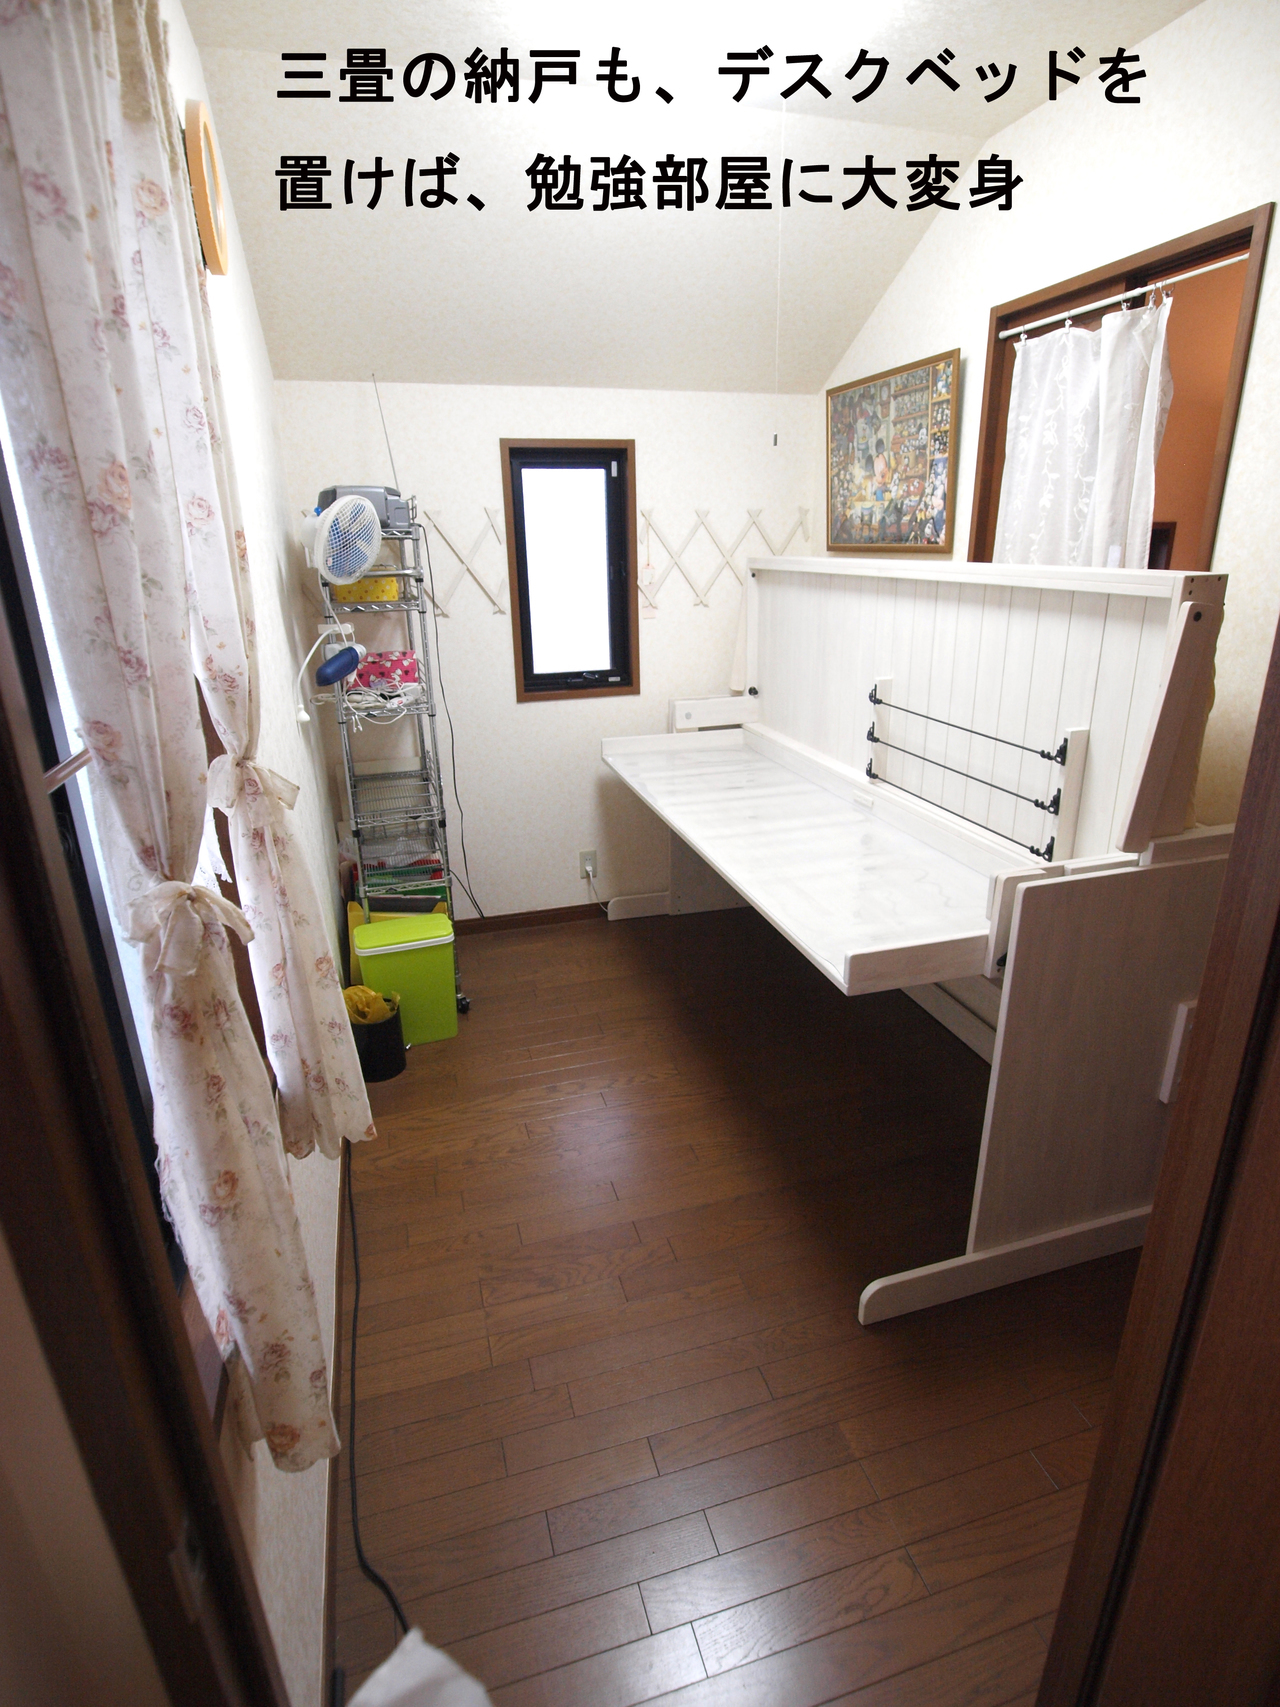 八畳と三畳姉妹三人ベッドと机 リノキッズ二段ベッドロフト